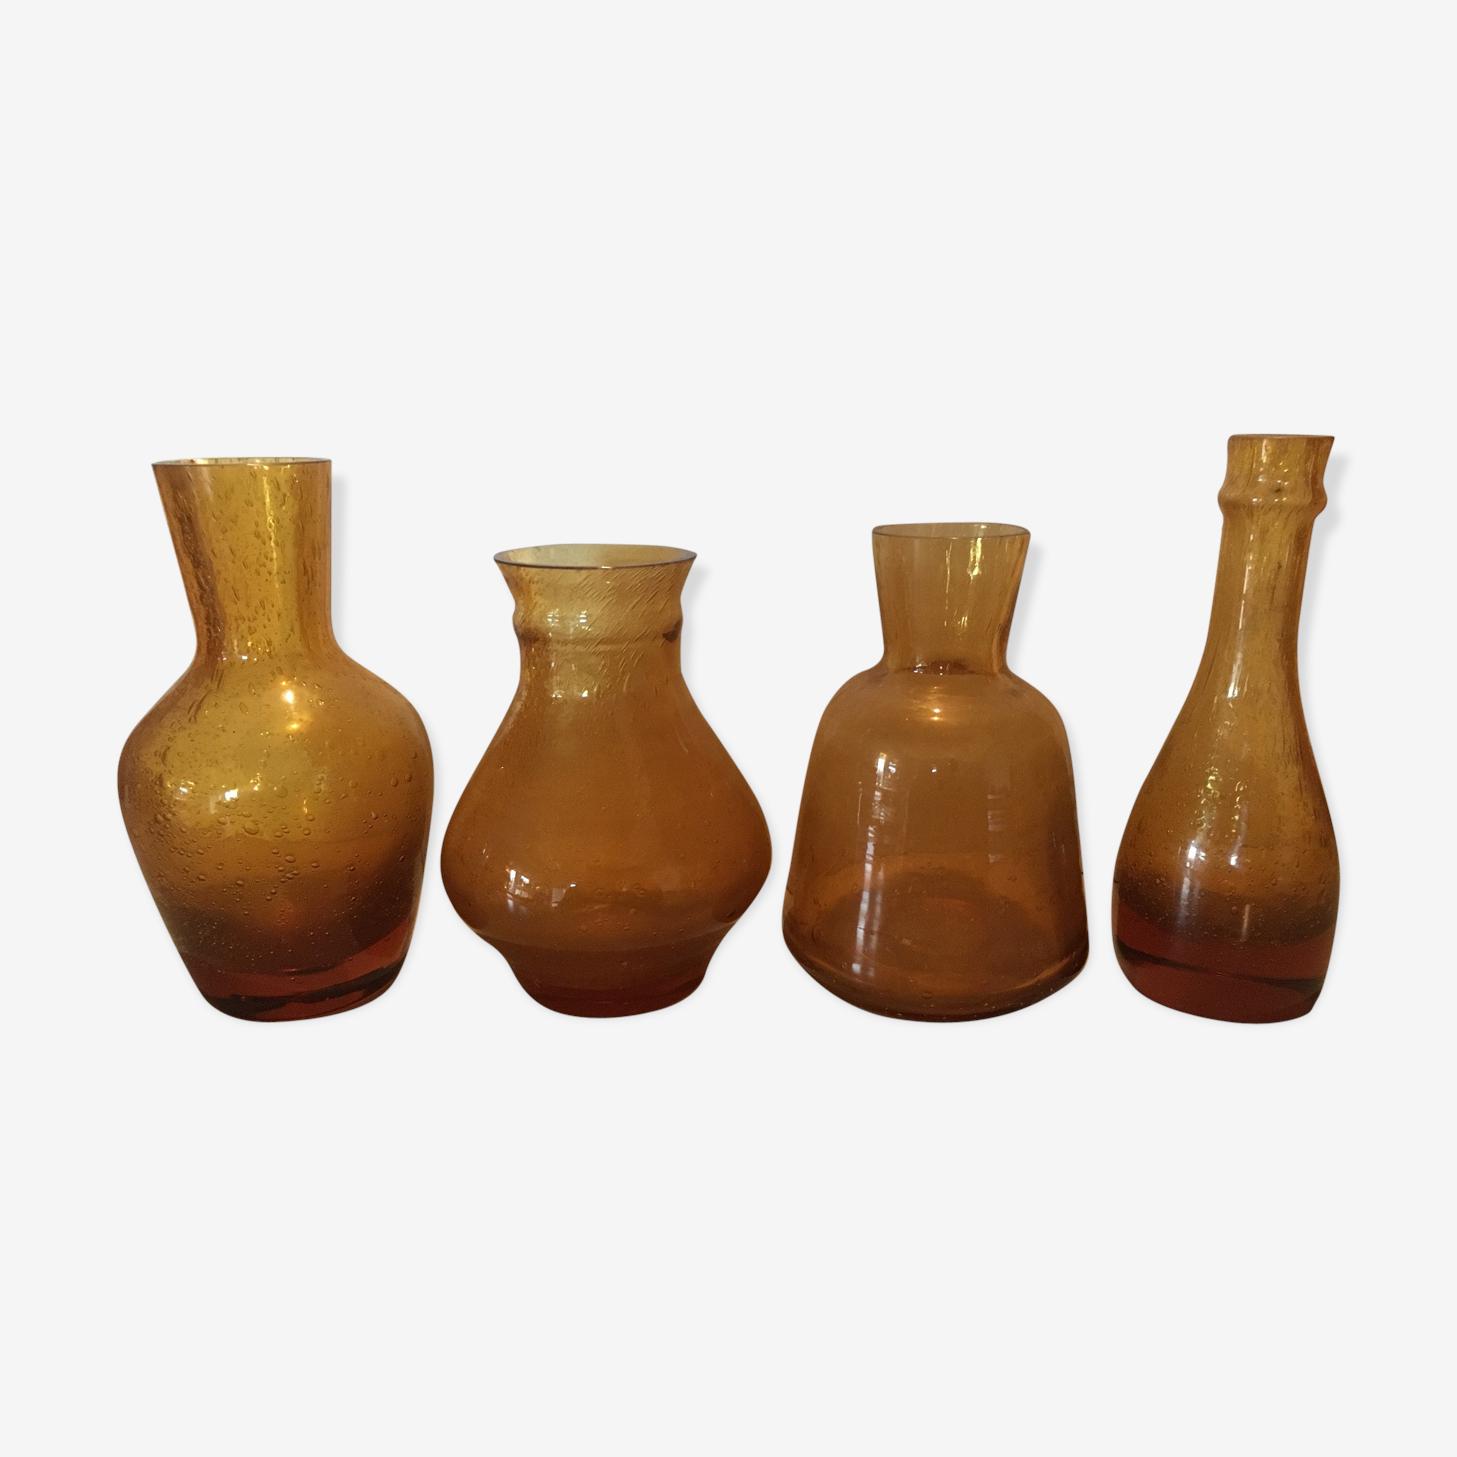 Set de 4 pièces de verrerie de Biot